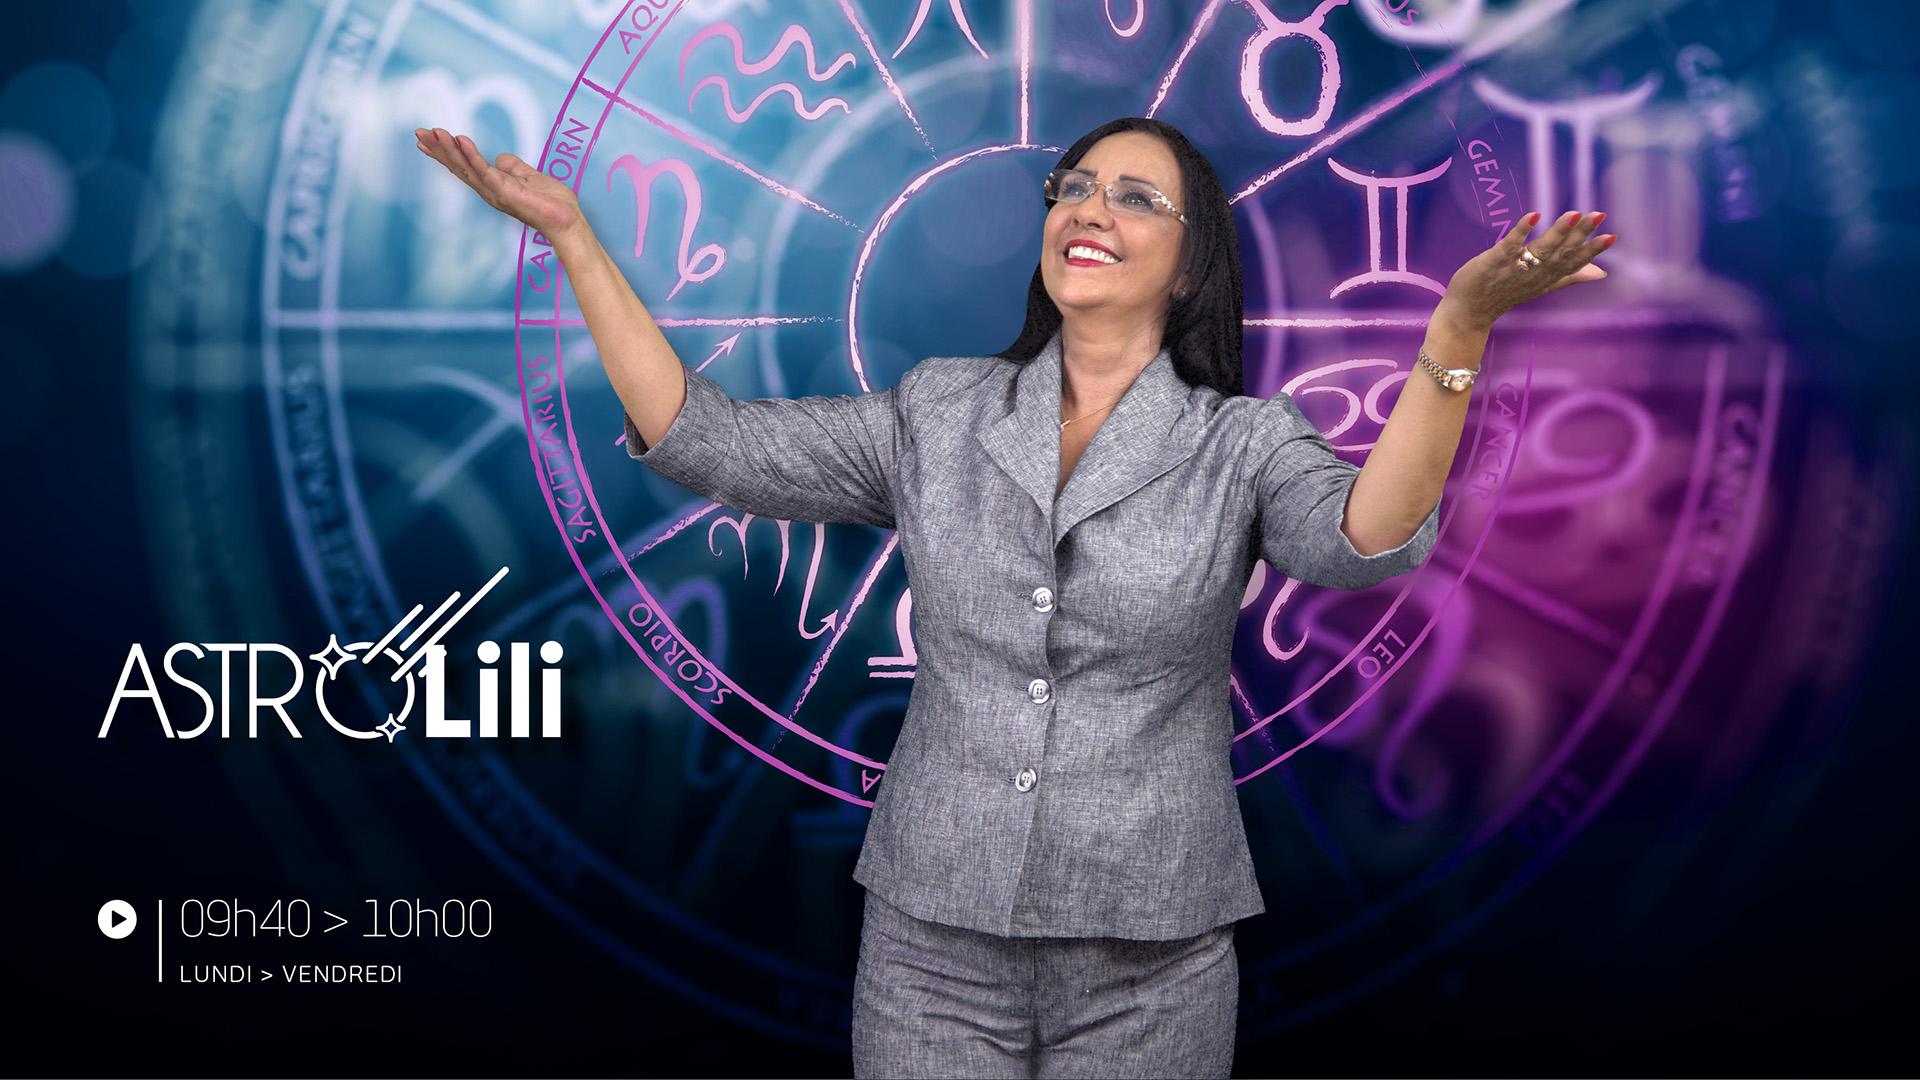 Astro Lili du Vendredi 5 juin 2020